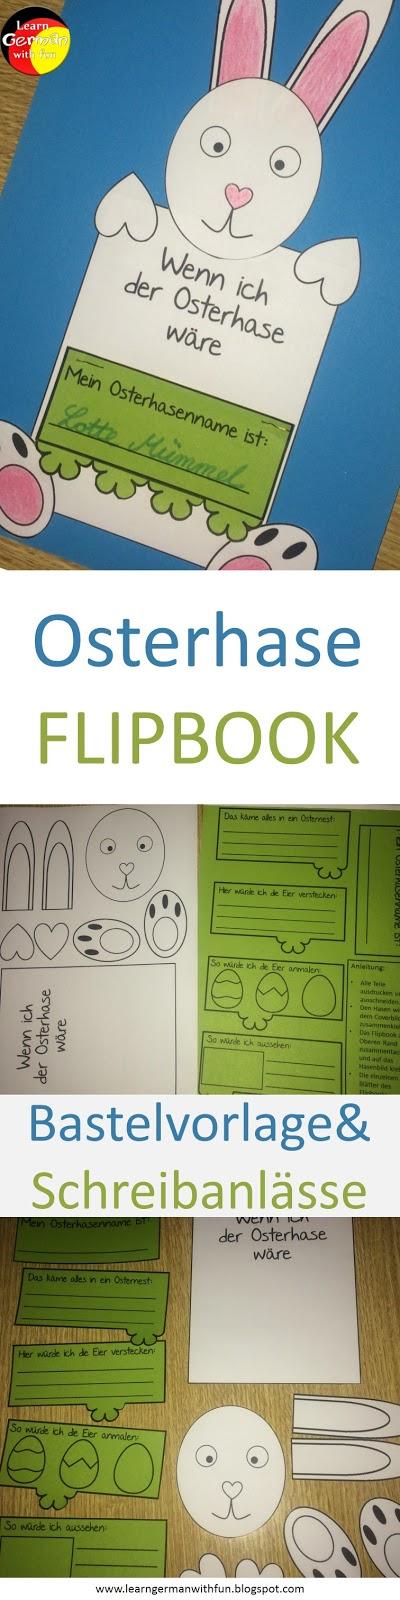 Basteln für Ostern in der Grundschule - Osterhase mit Flipbuch